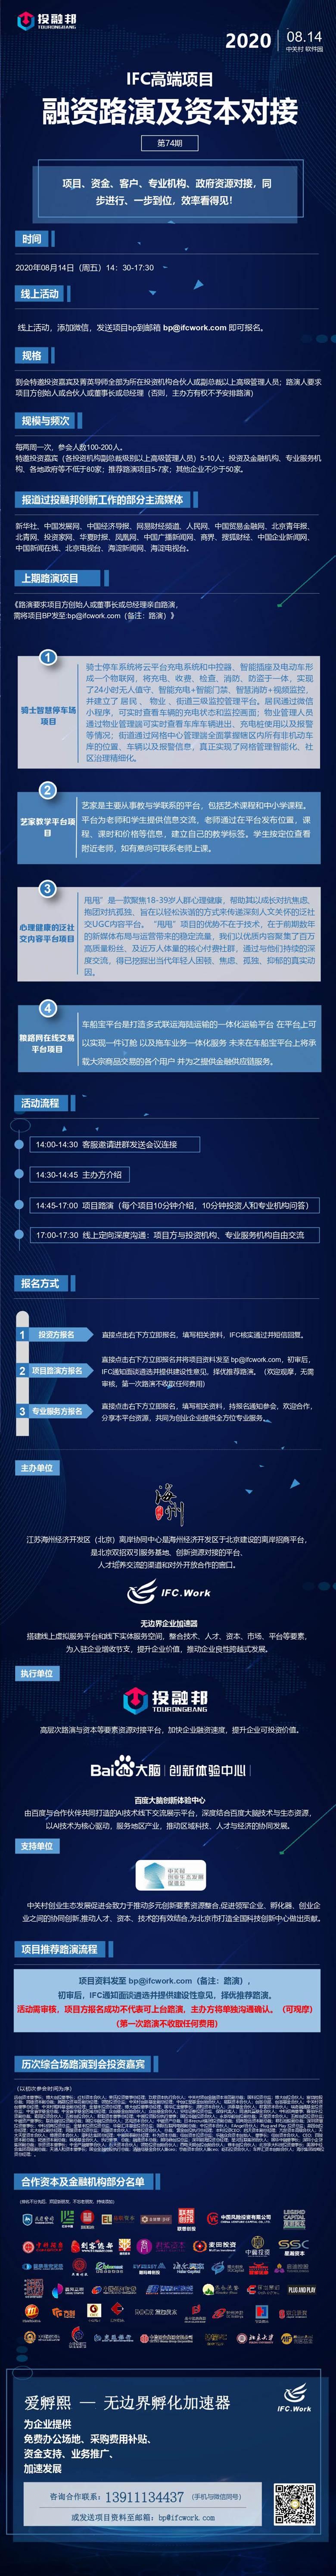 路演内容模板_page-0001.jpg